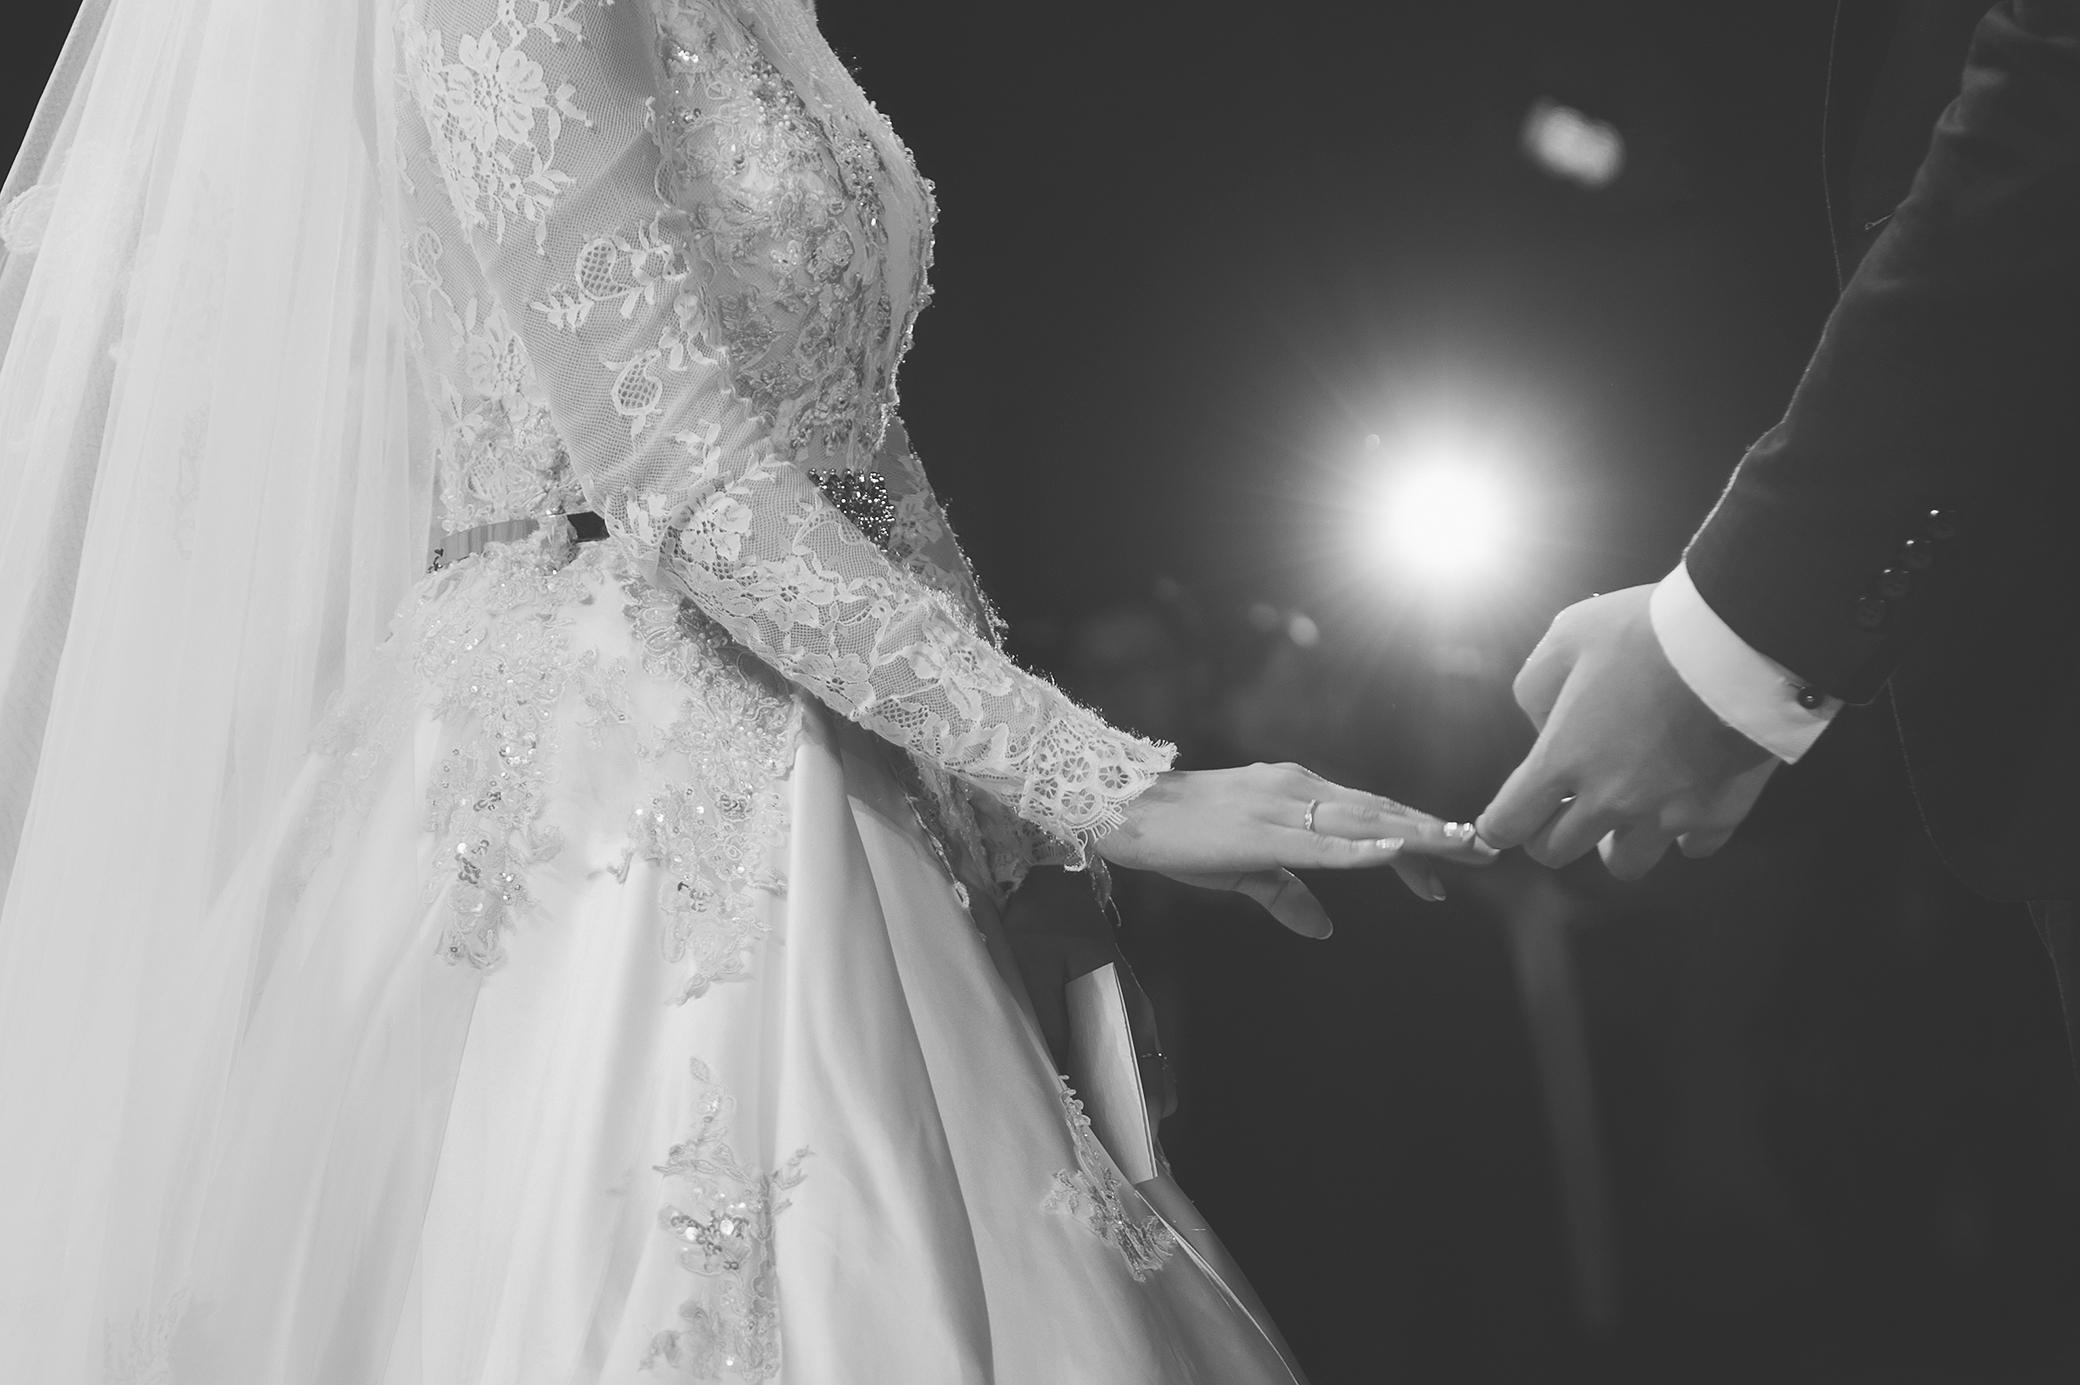 nickchang-wedding-%e5%af%92%e8%88%8d%e8%89%be%e9%ba%97-fineart-51